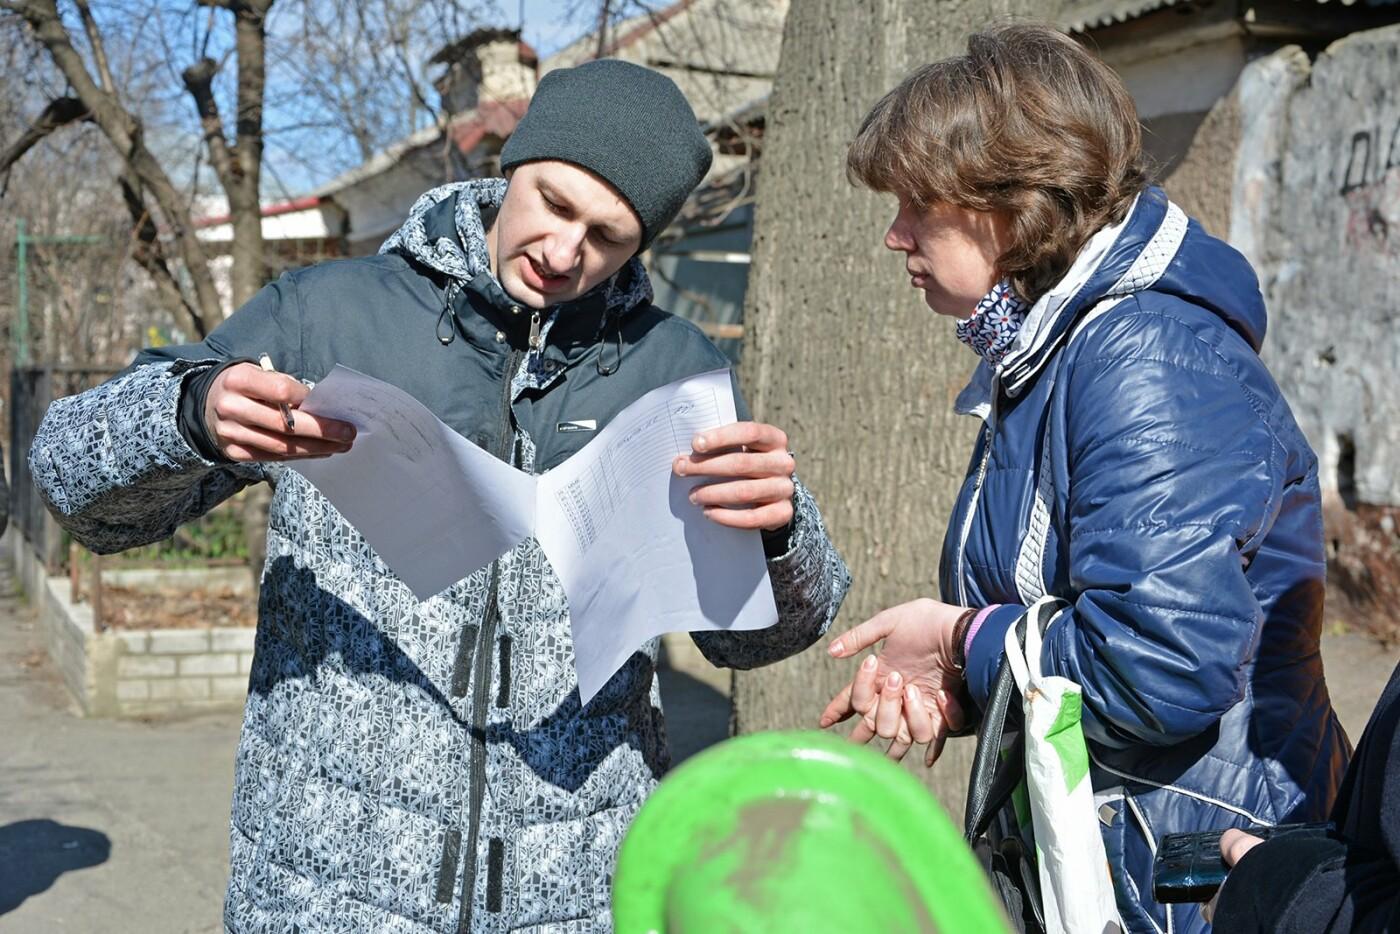 Школьники Николаева первыми начнут сдавать упаковки от напитков на переработку, - ФОТО, фото-1